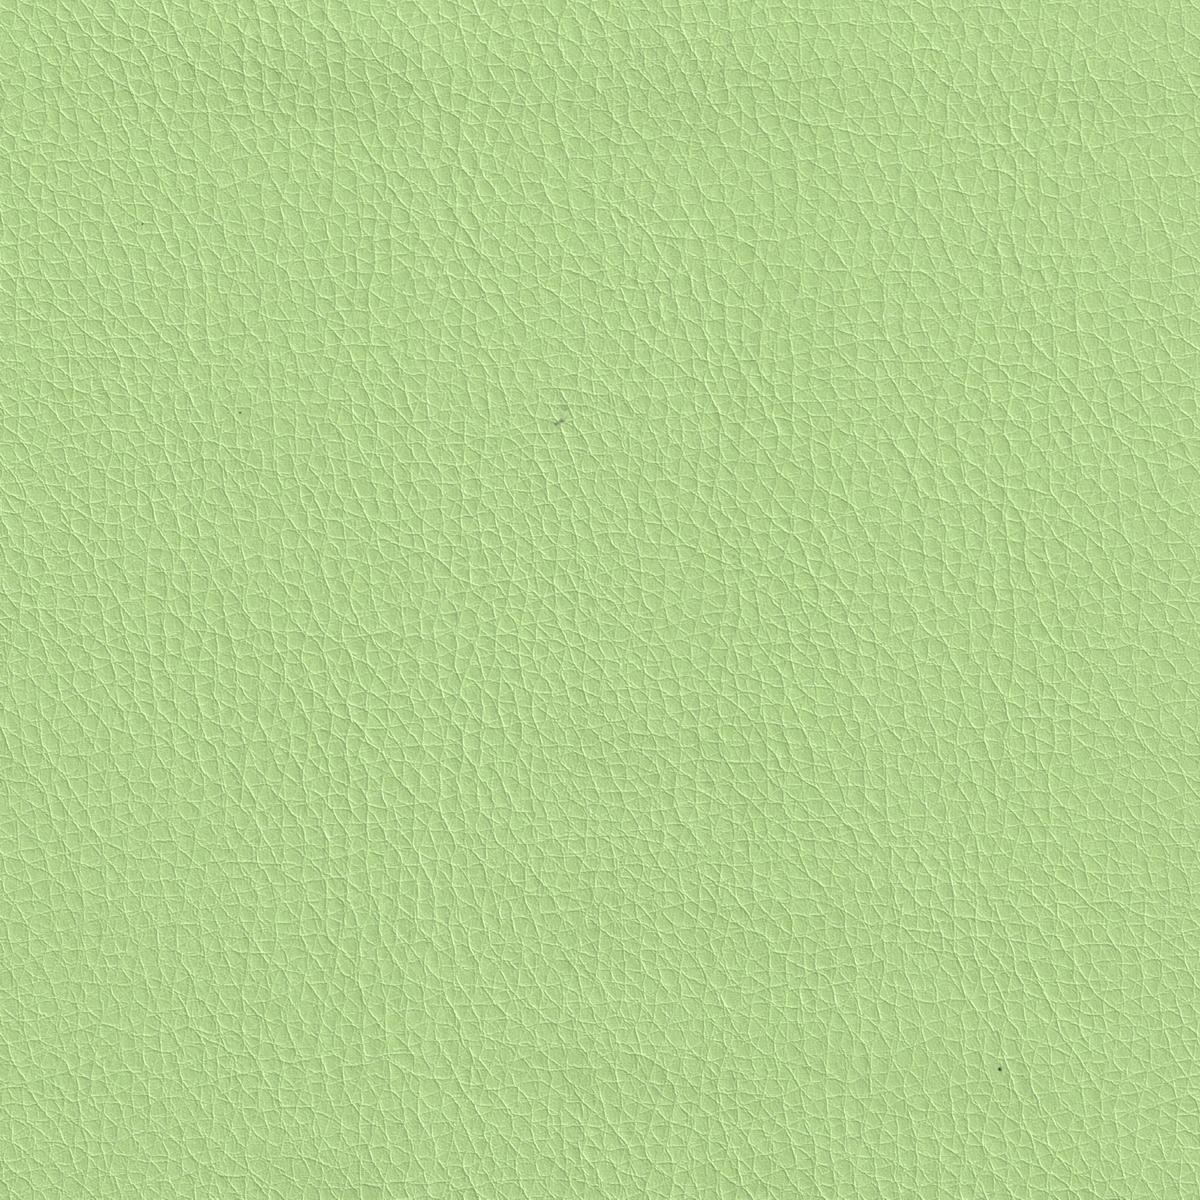 Фисташковый цвет открытка, надежды открытки красивые